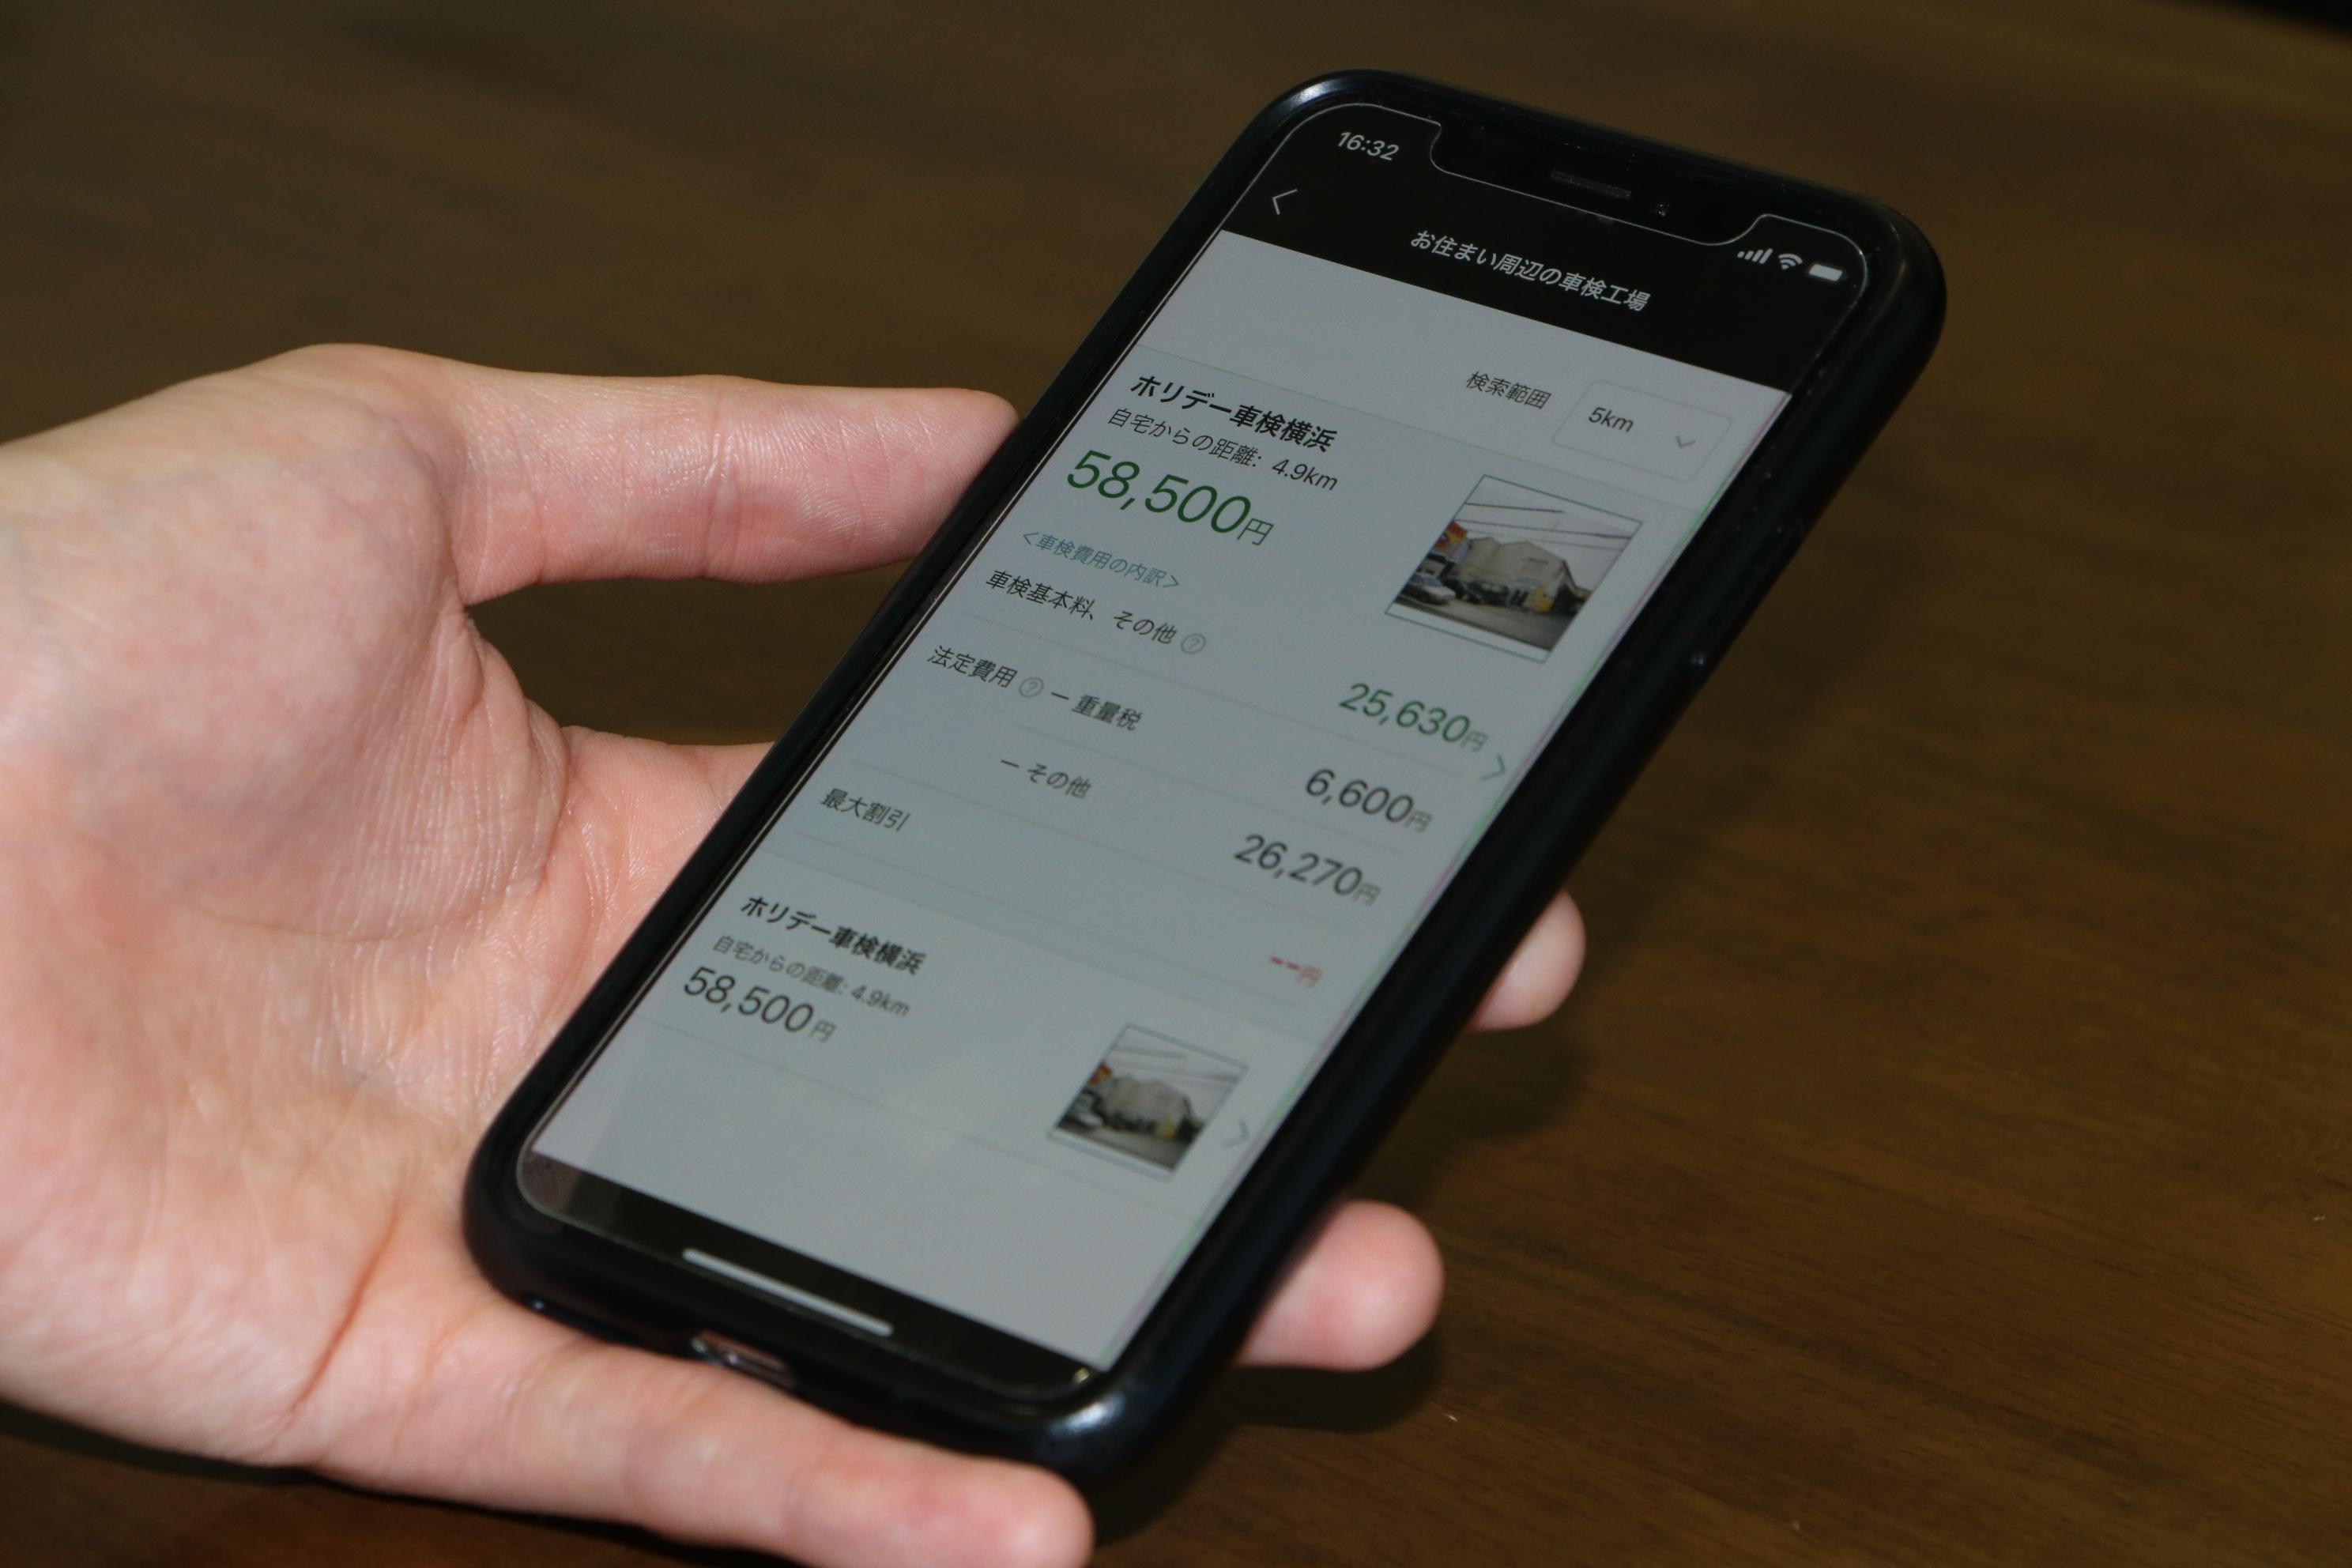 カーライフがもっとお得にもっと楽しくなるアプリ「カーポン(Carpon)」を徹底解説!